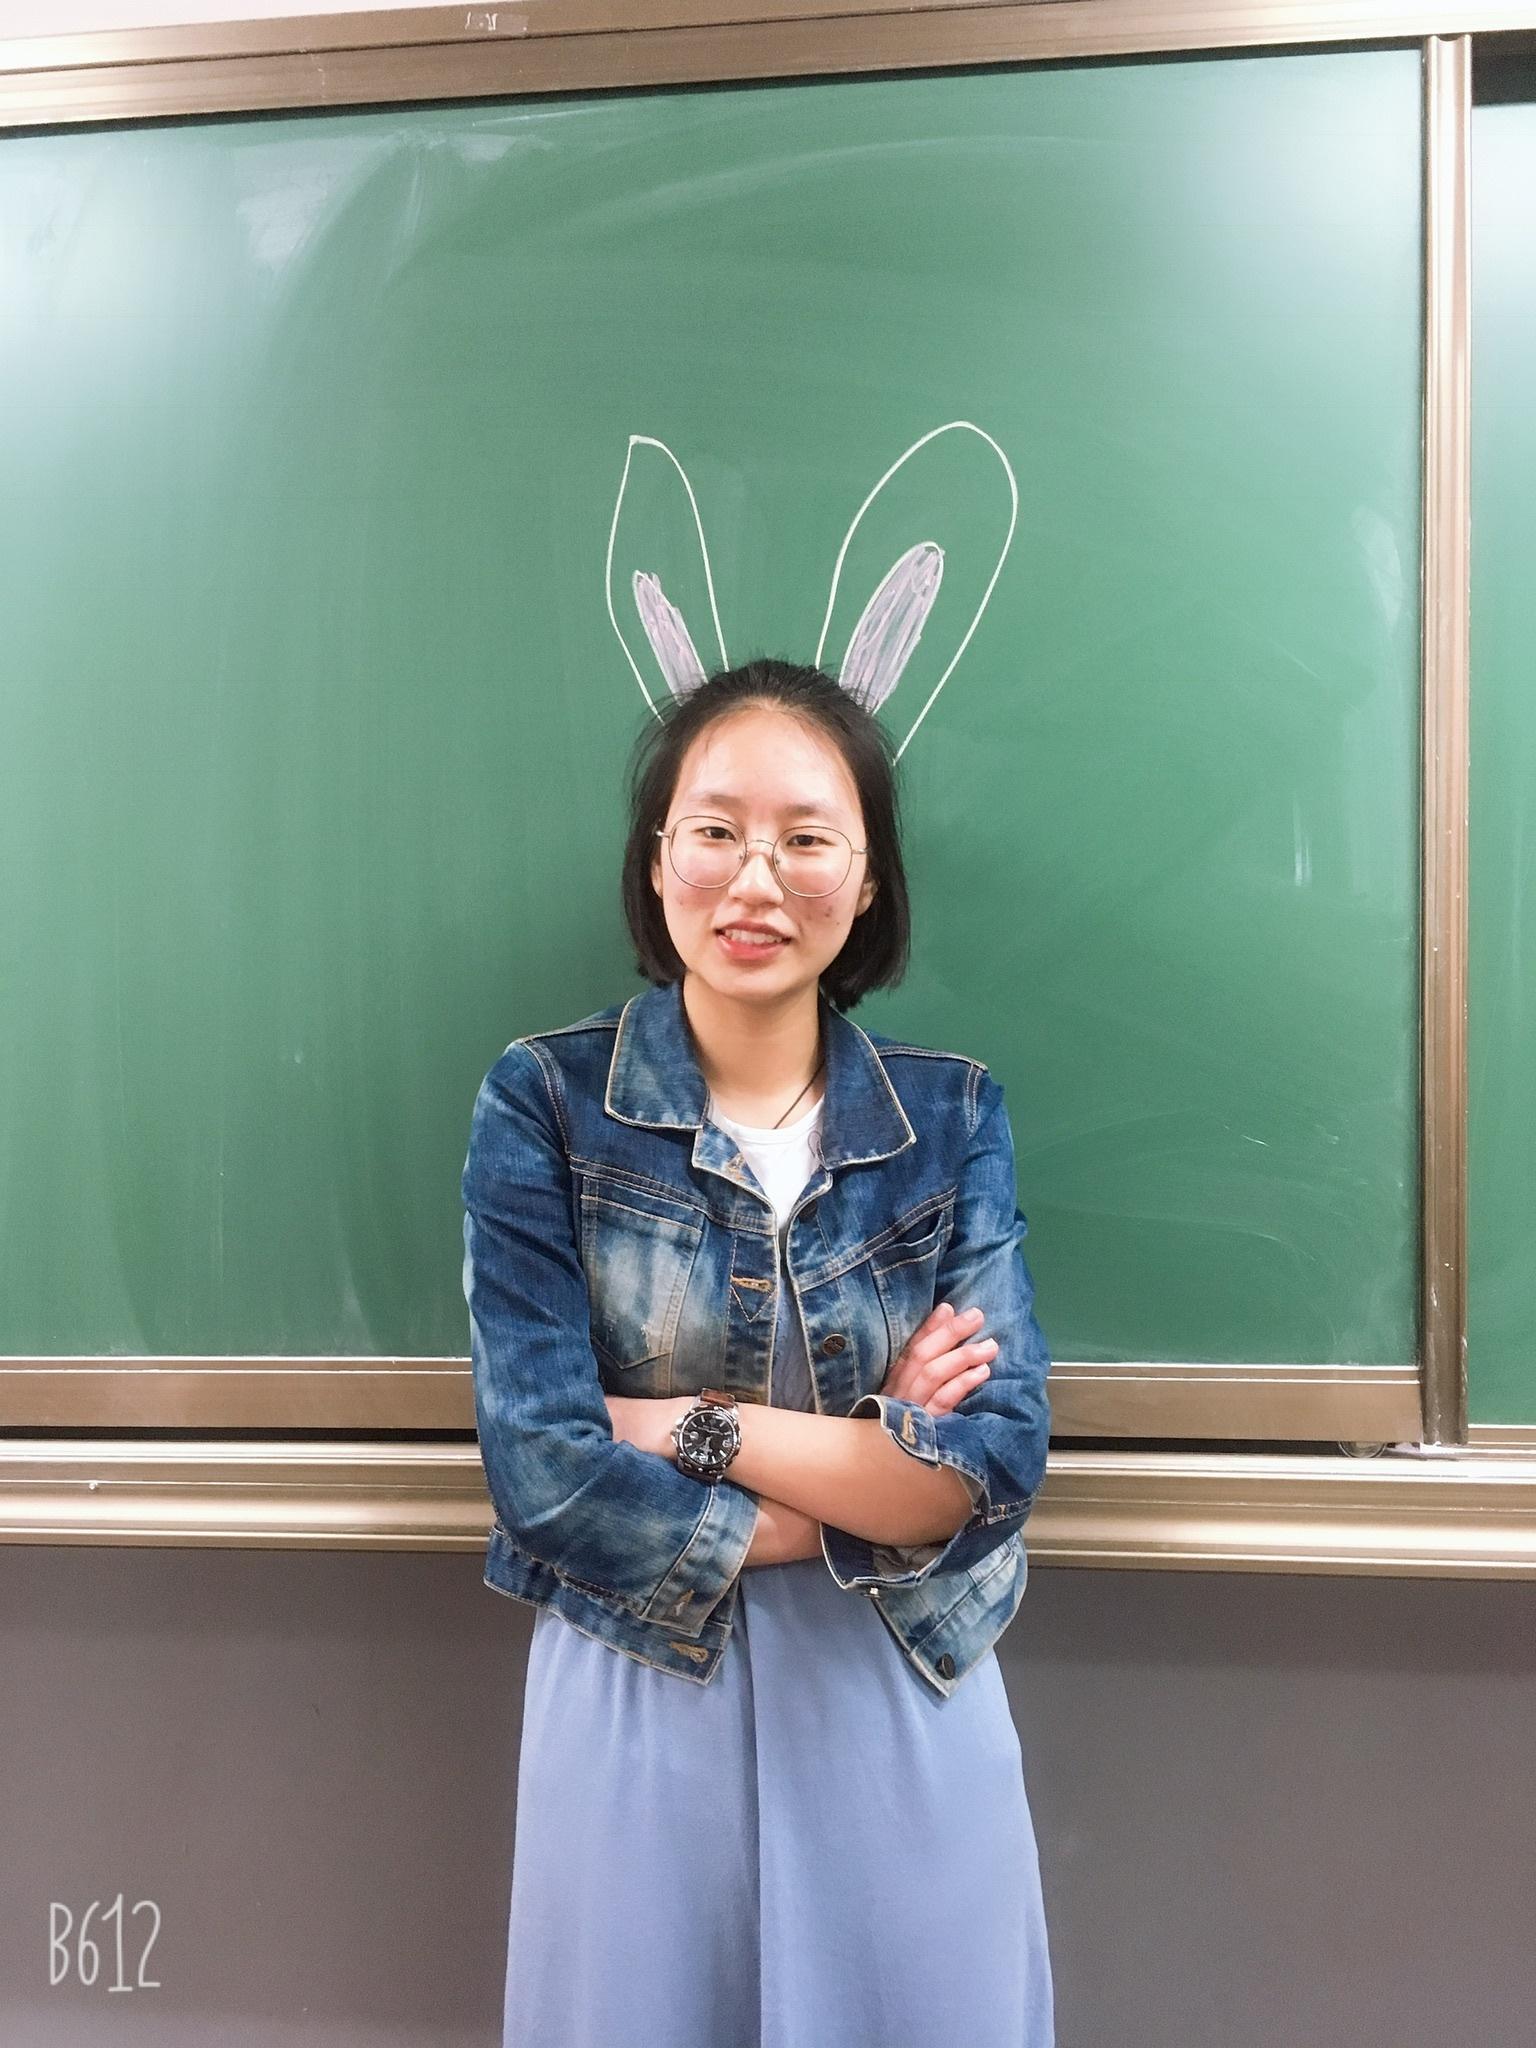 闵行家教蒋老师